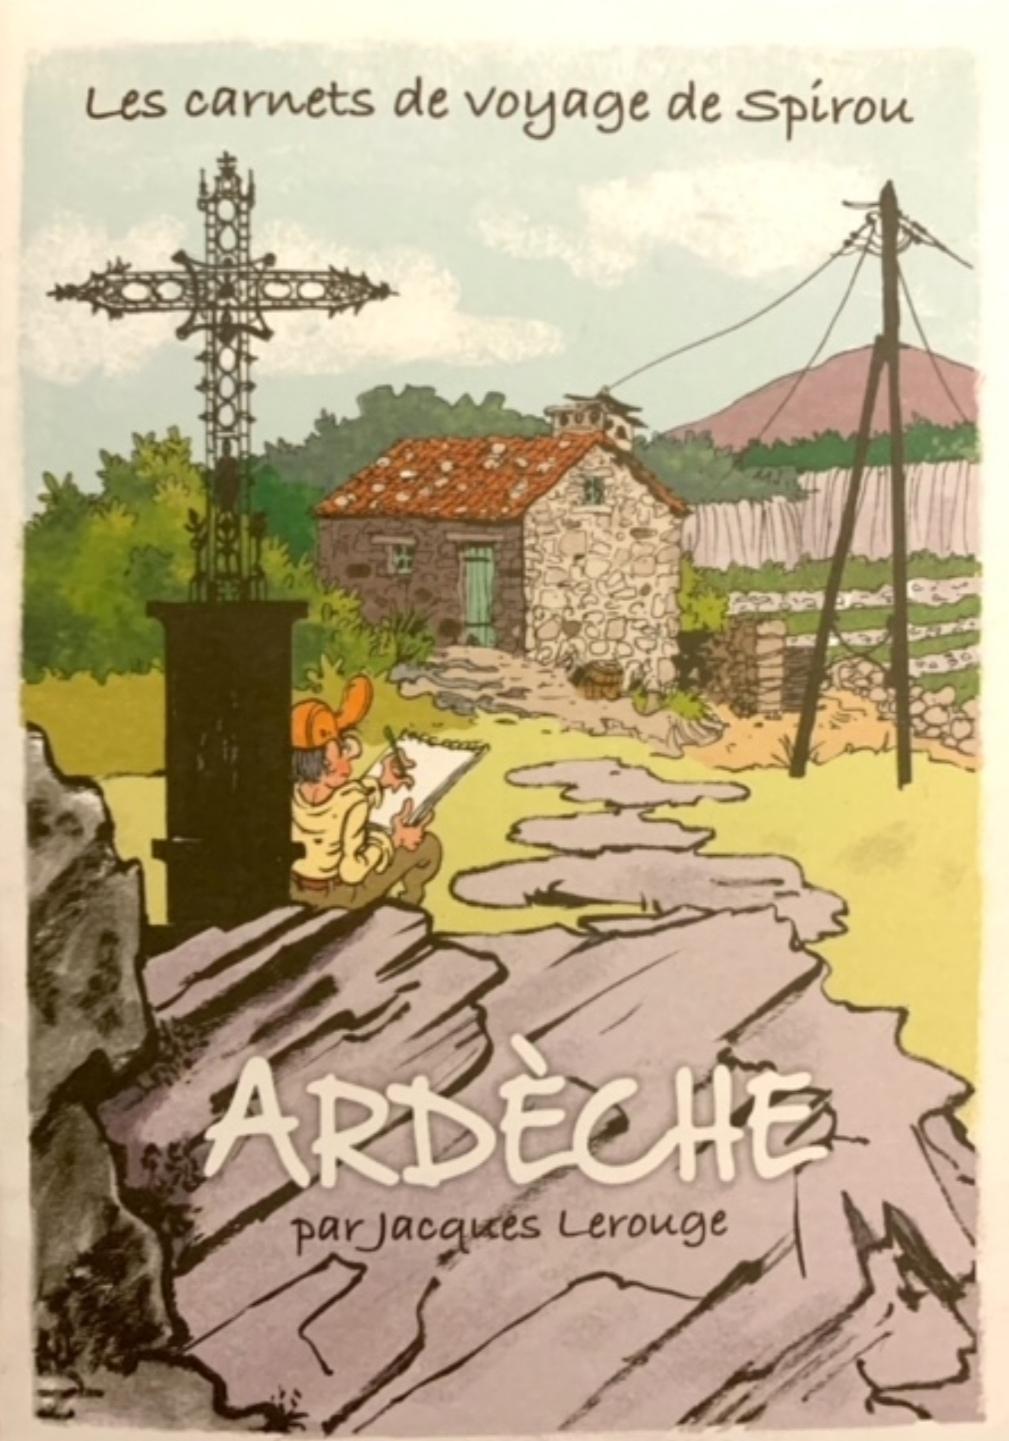 Carnet de voyage Spirou (Ardèche)